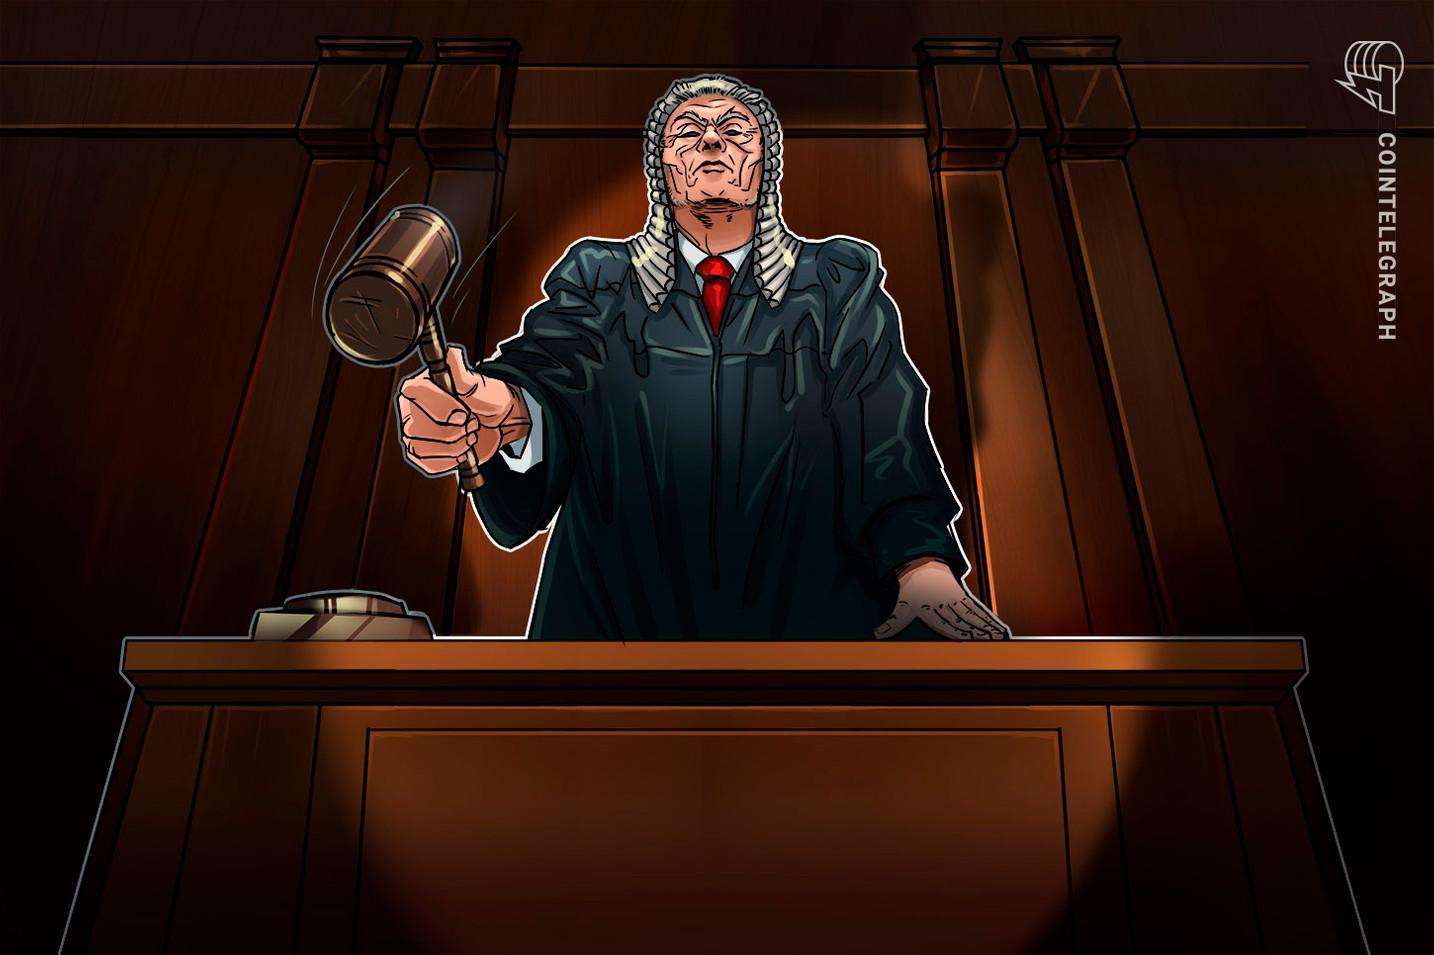 محكمة في باريس تحكم على ألكسندر فينيك بالسجن خمس سنوات